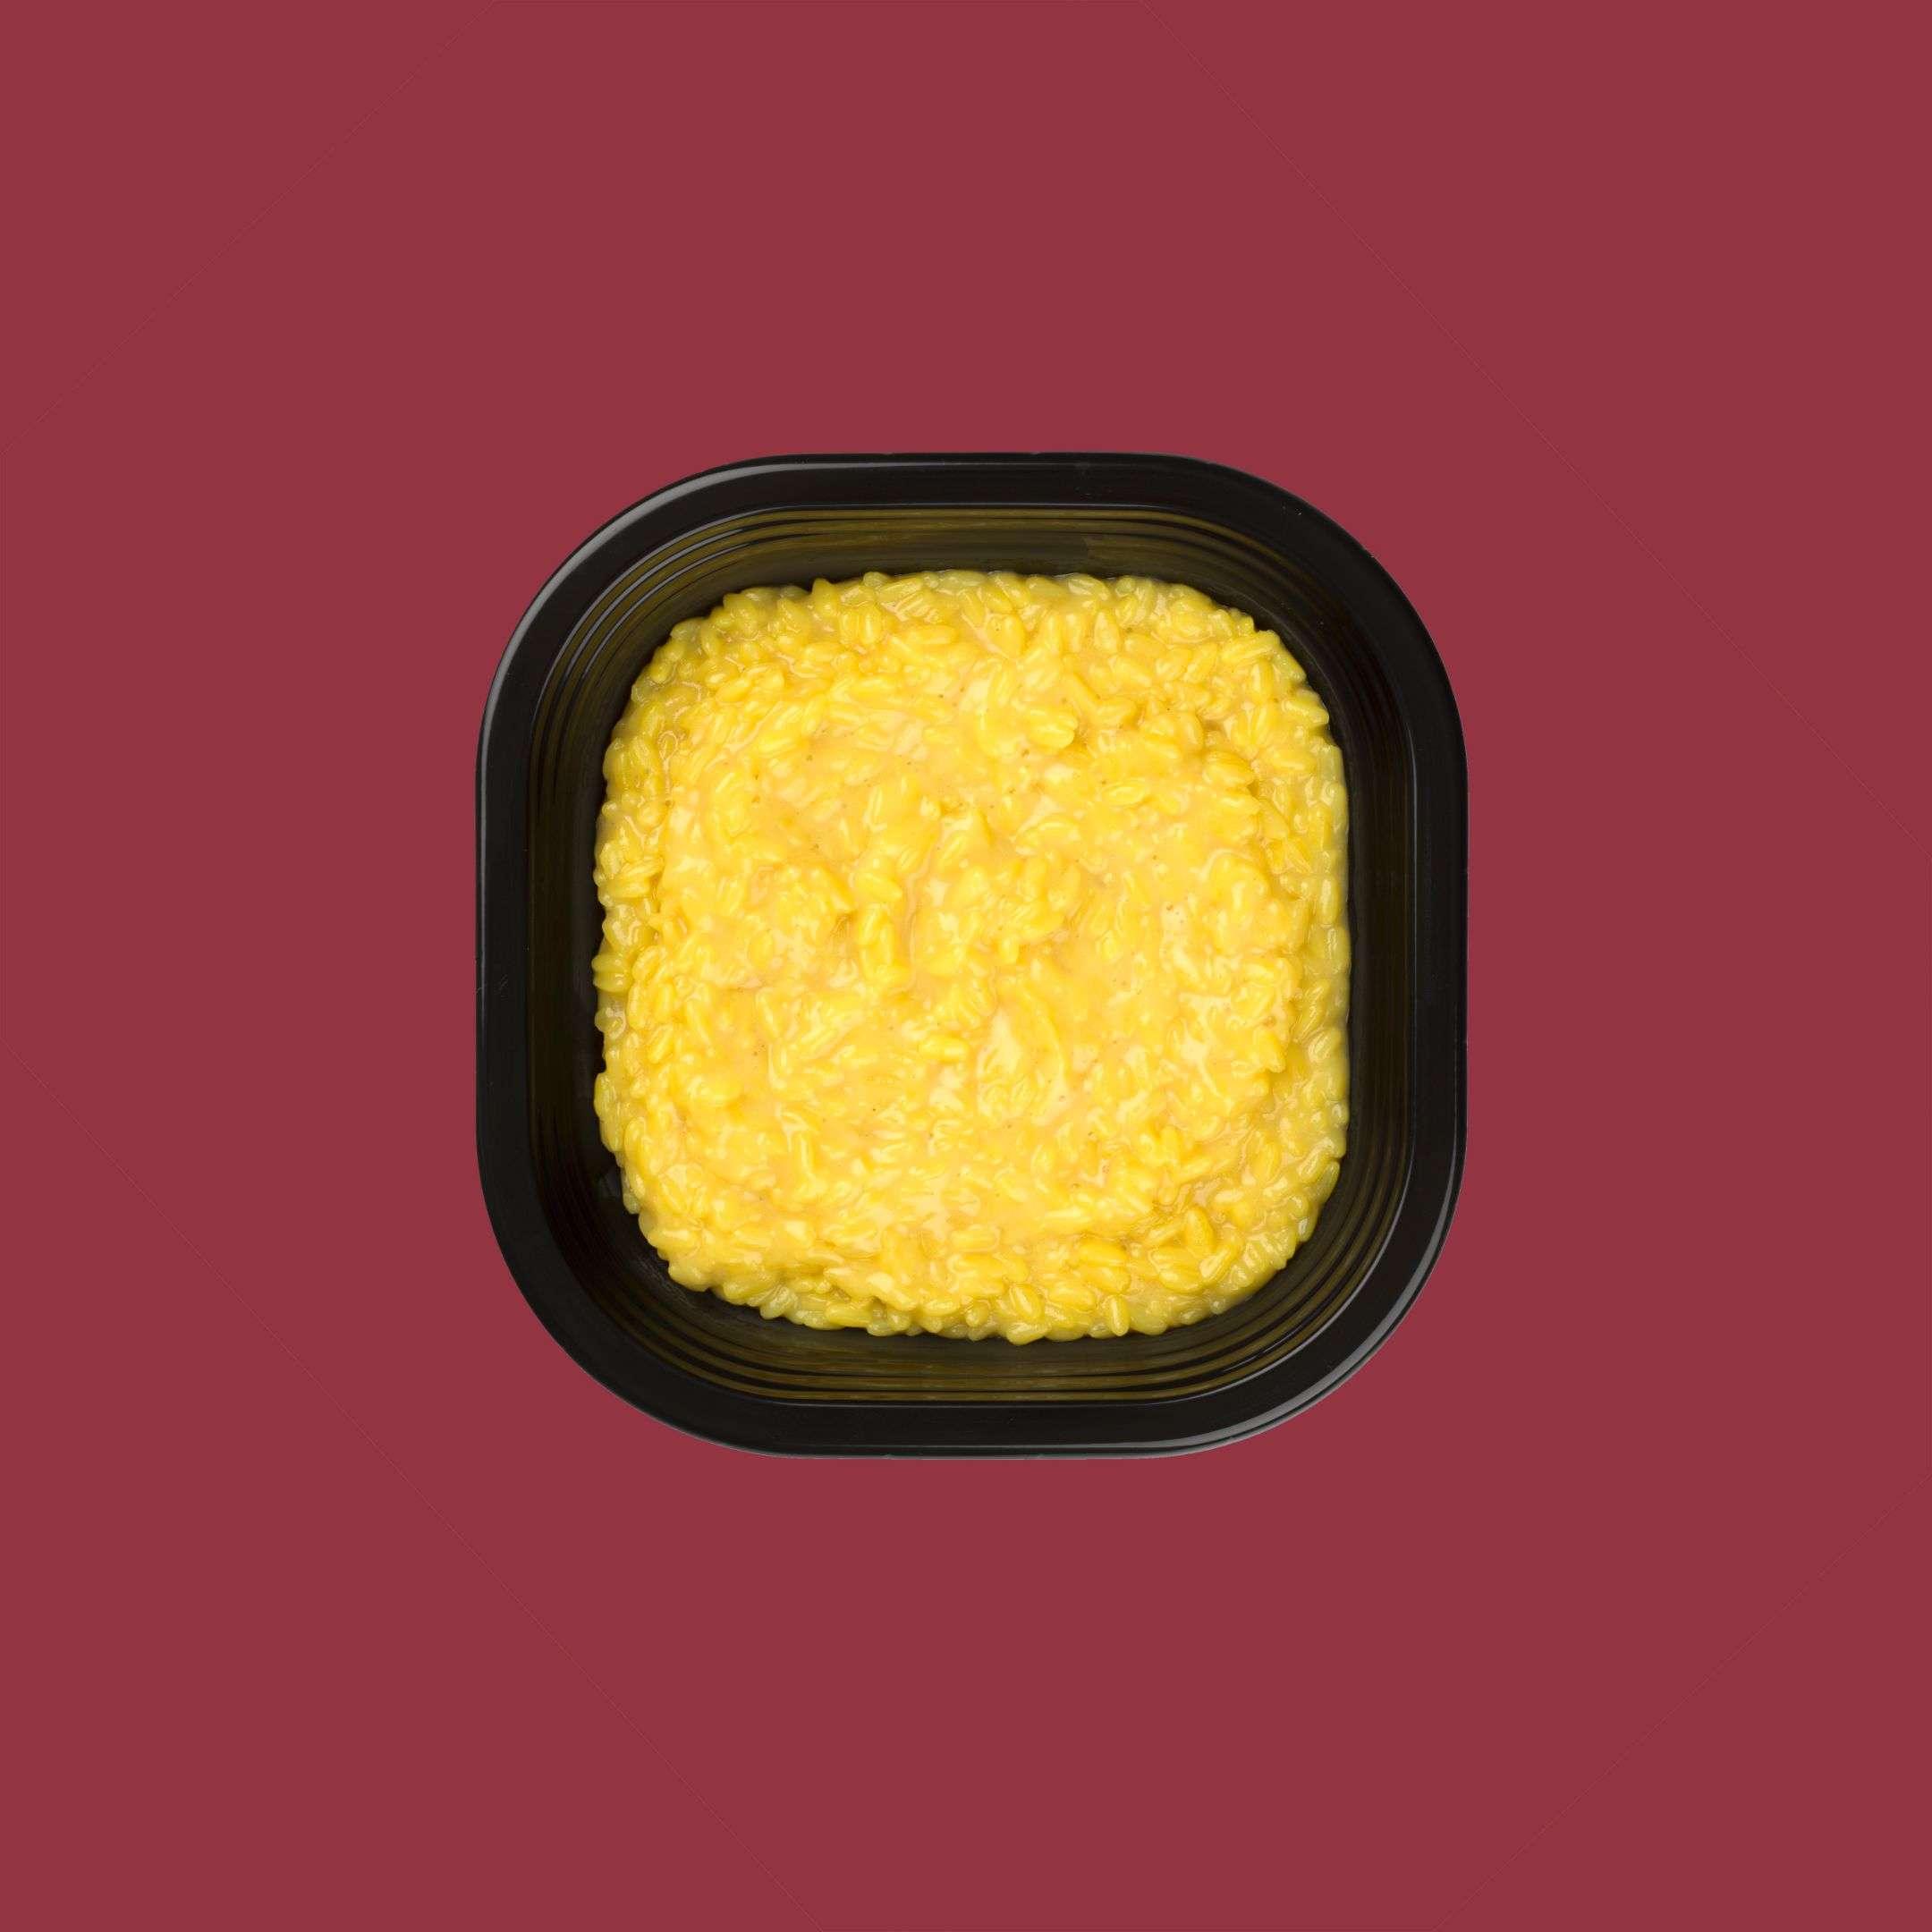 caponata di verdure piatti pronti a domicilio senza glutine